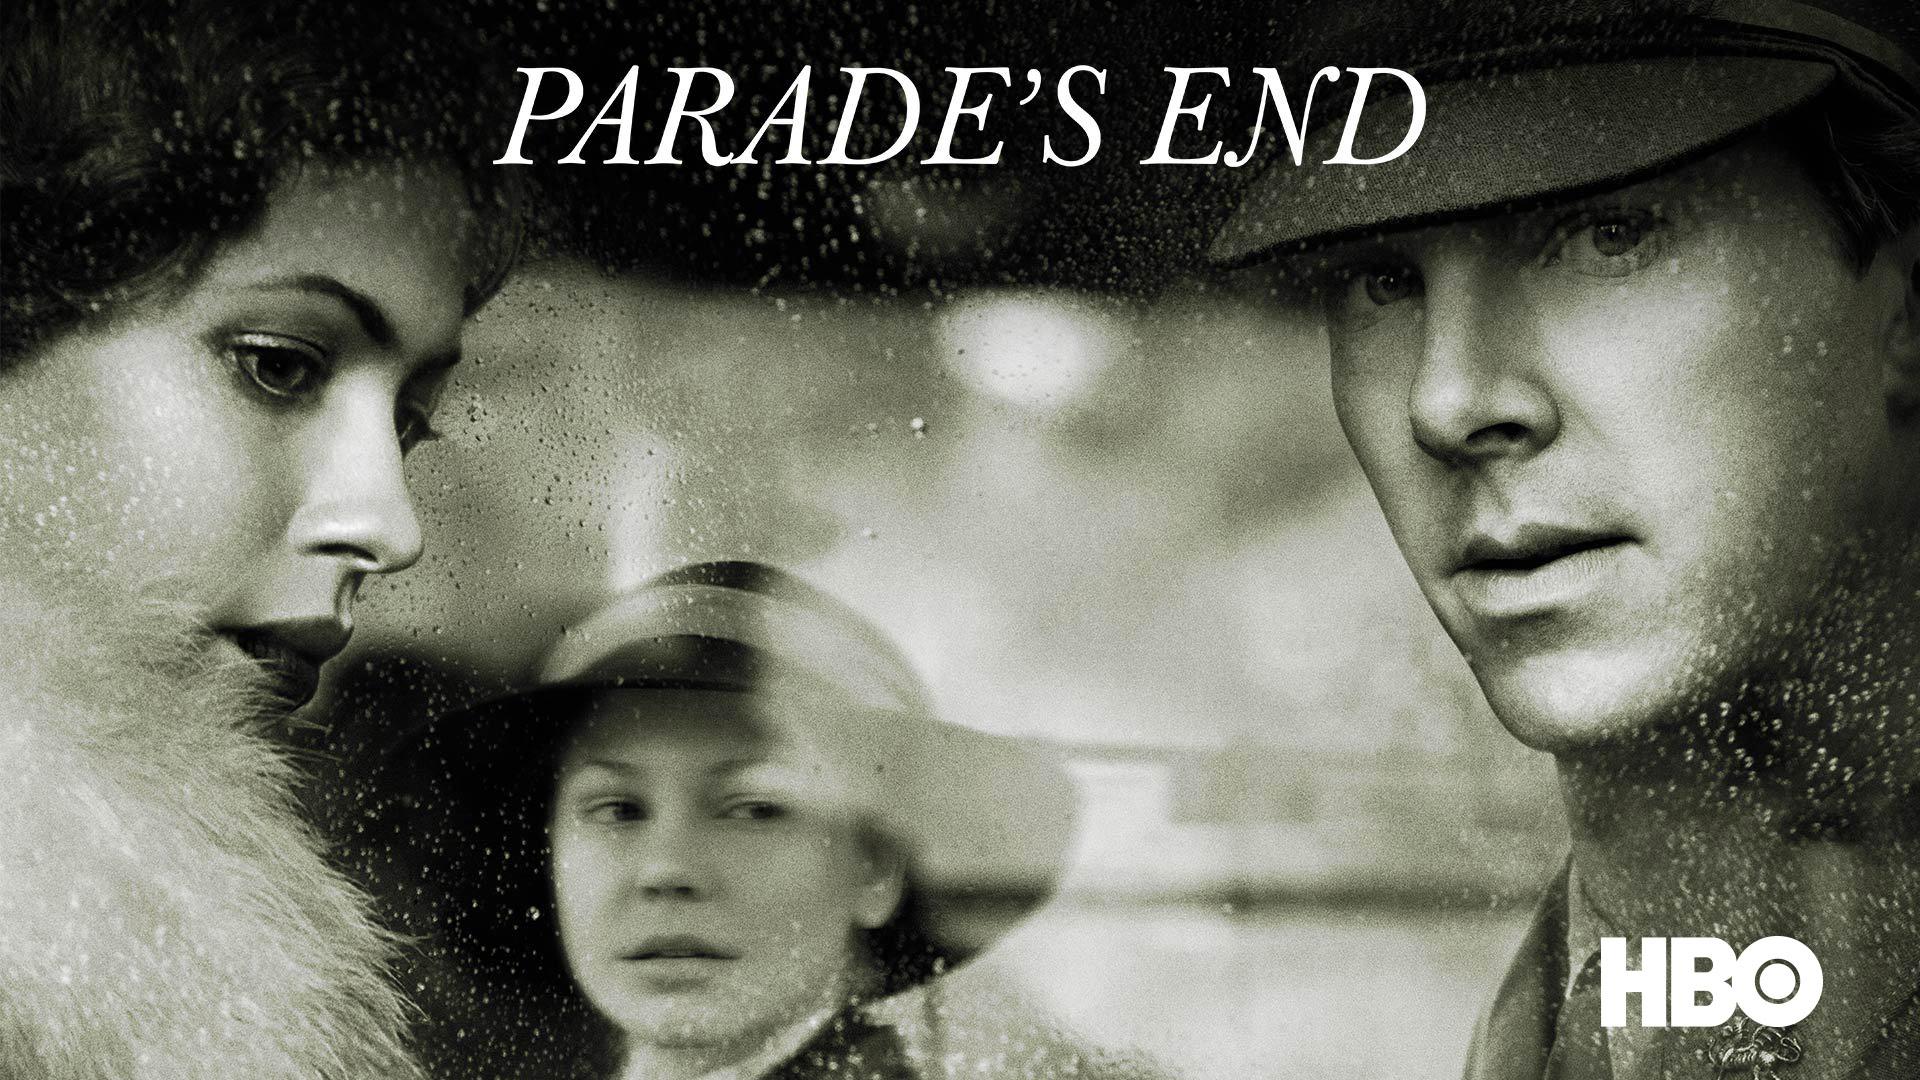 Parade's End Season 1